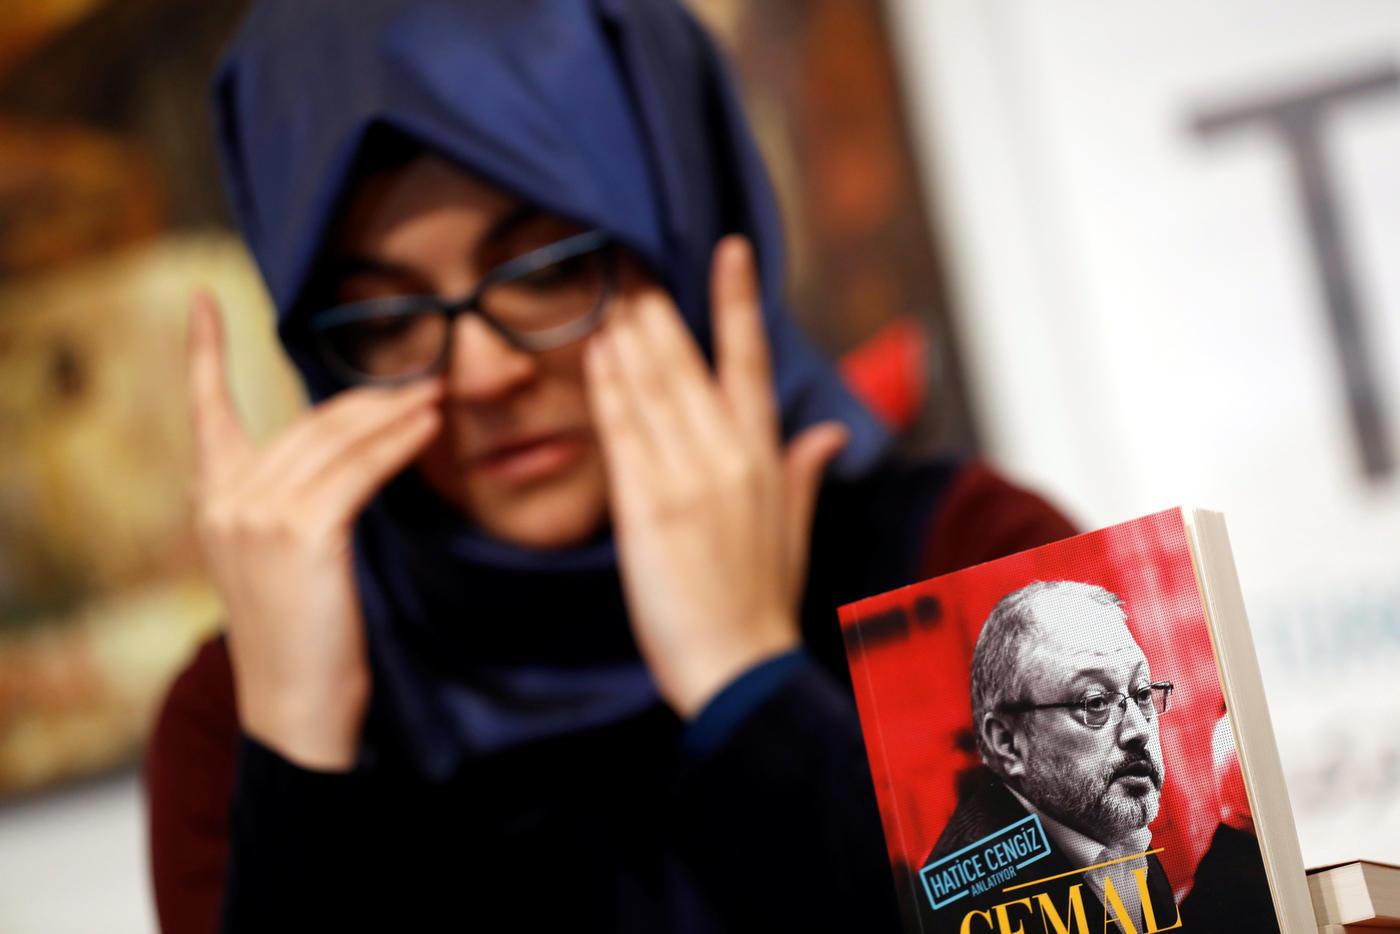 Khashoggis fiancee shares intimate details of slain